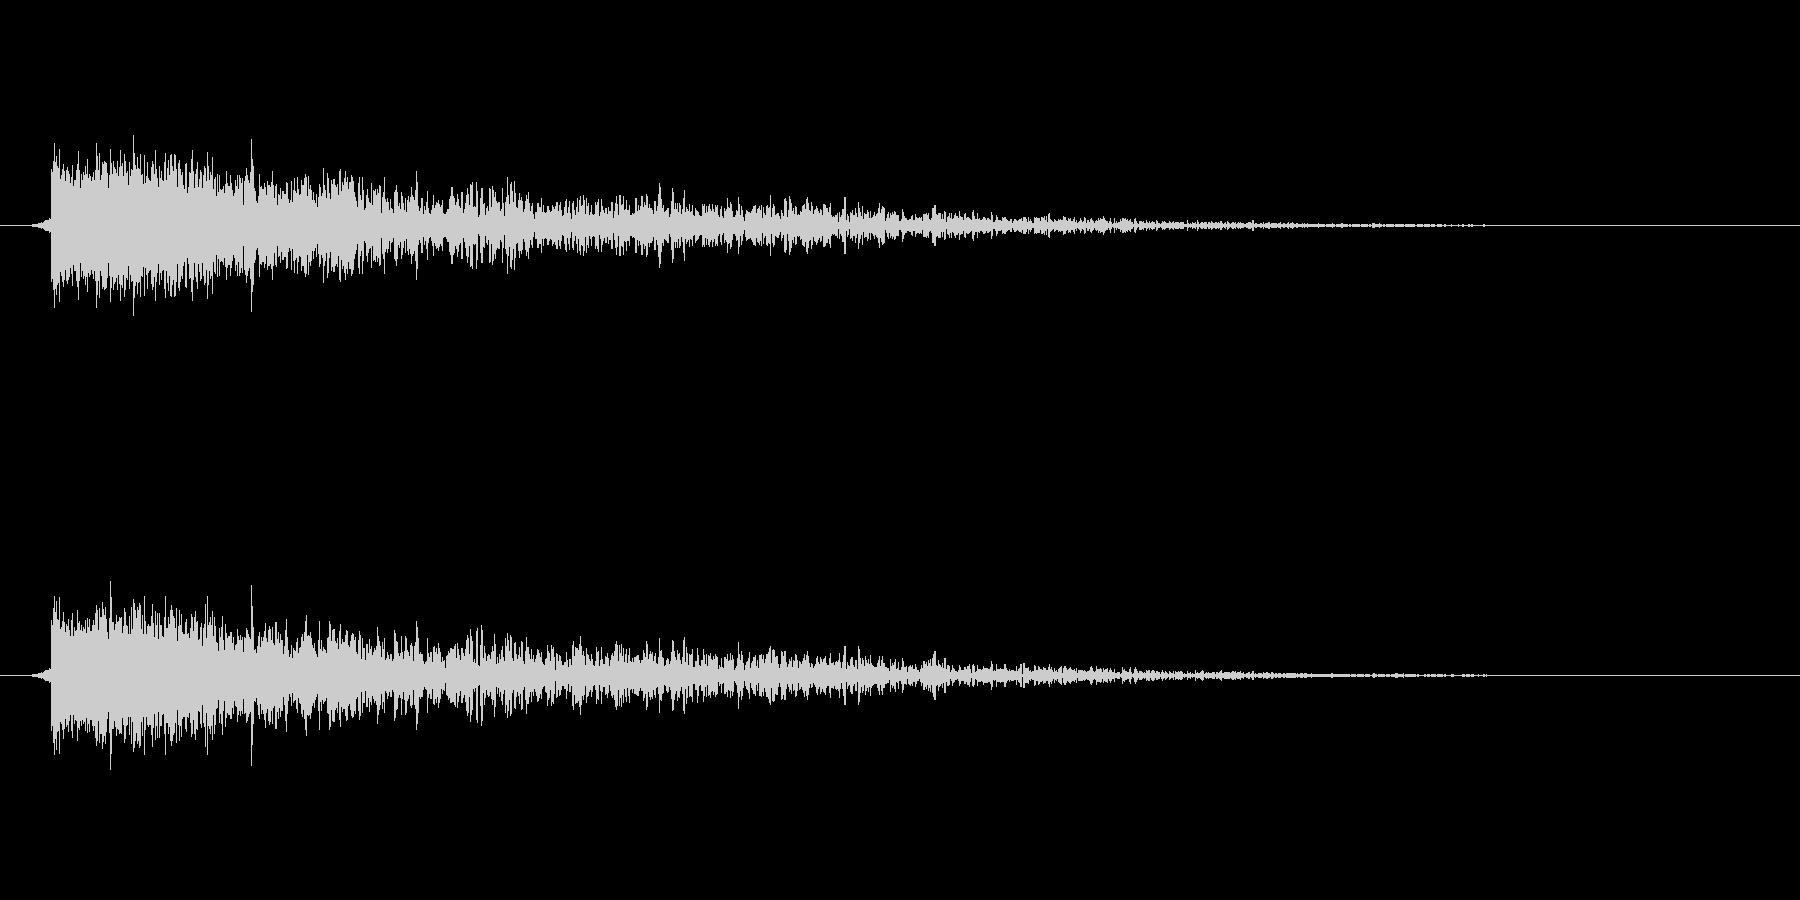 【衝撃07-2】の未再生の波形